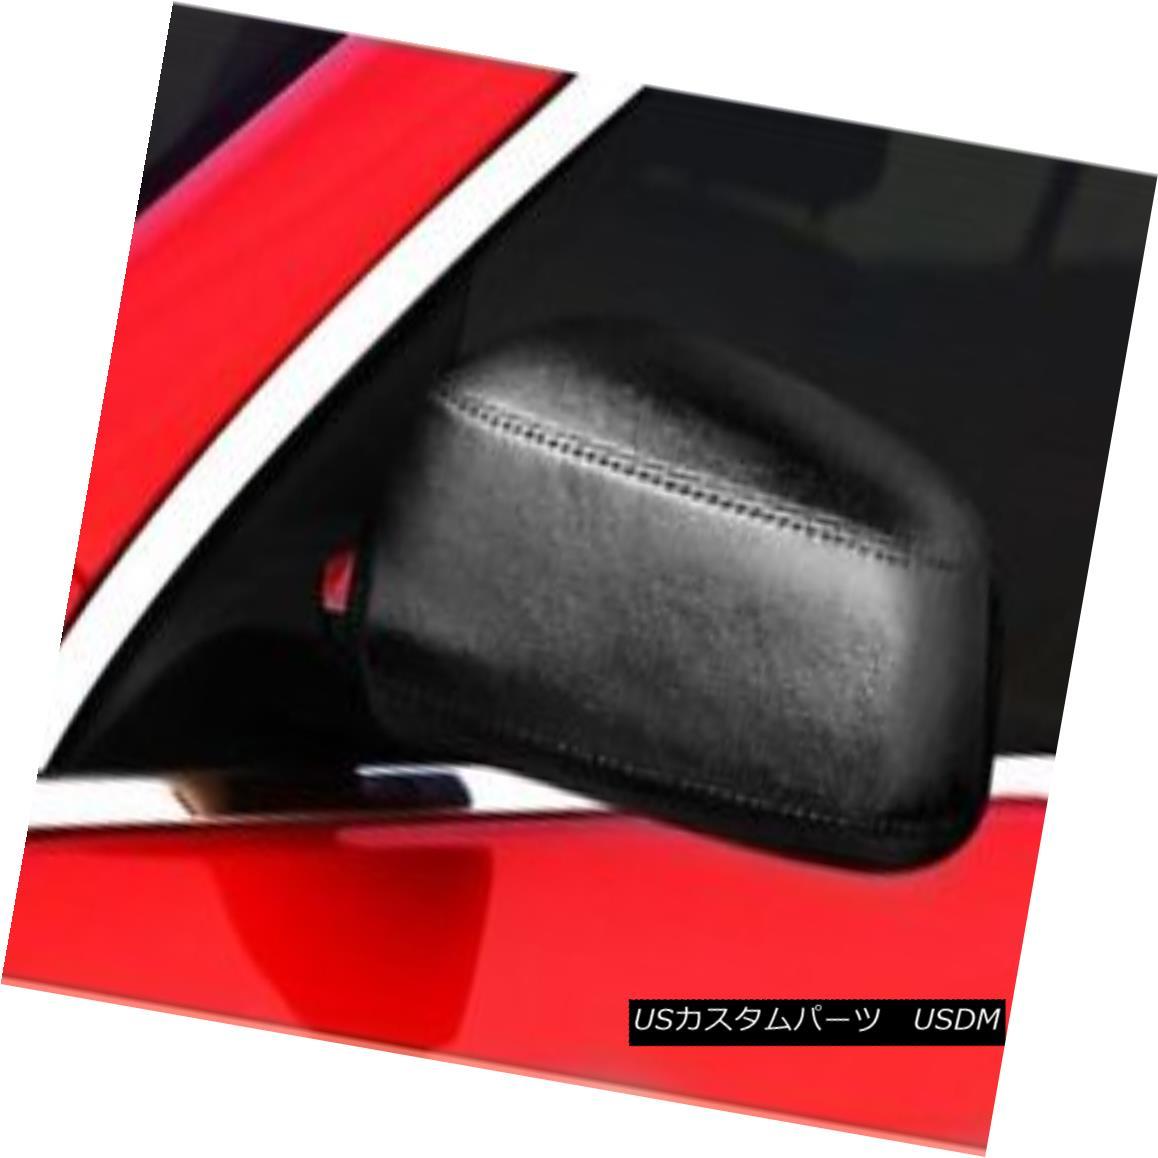 フルブラ ノーズブラ Colgan Car Mirror Covers Bra Protector Black Fits Acura NSX 1991-2000 コルガン車のミラーカバーは、プロテクターブラックはAcura NSX 1991-2000に適合